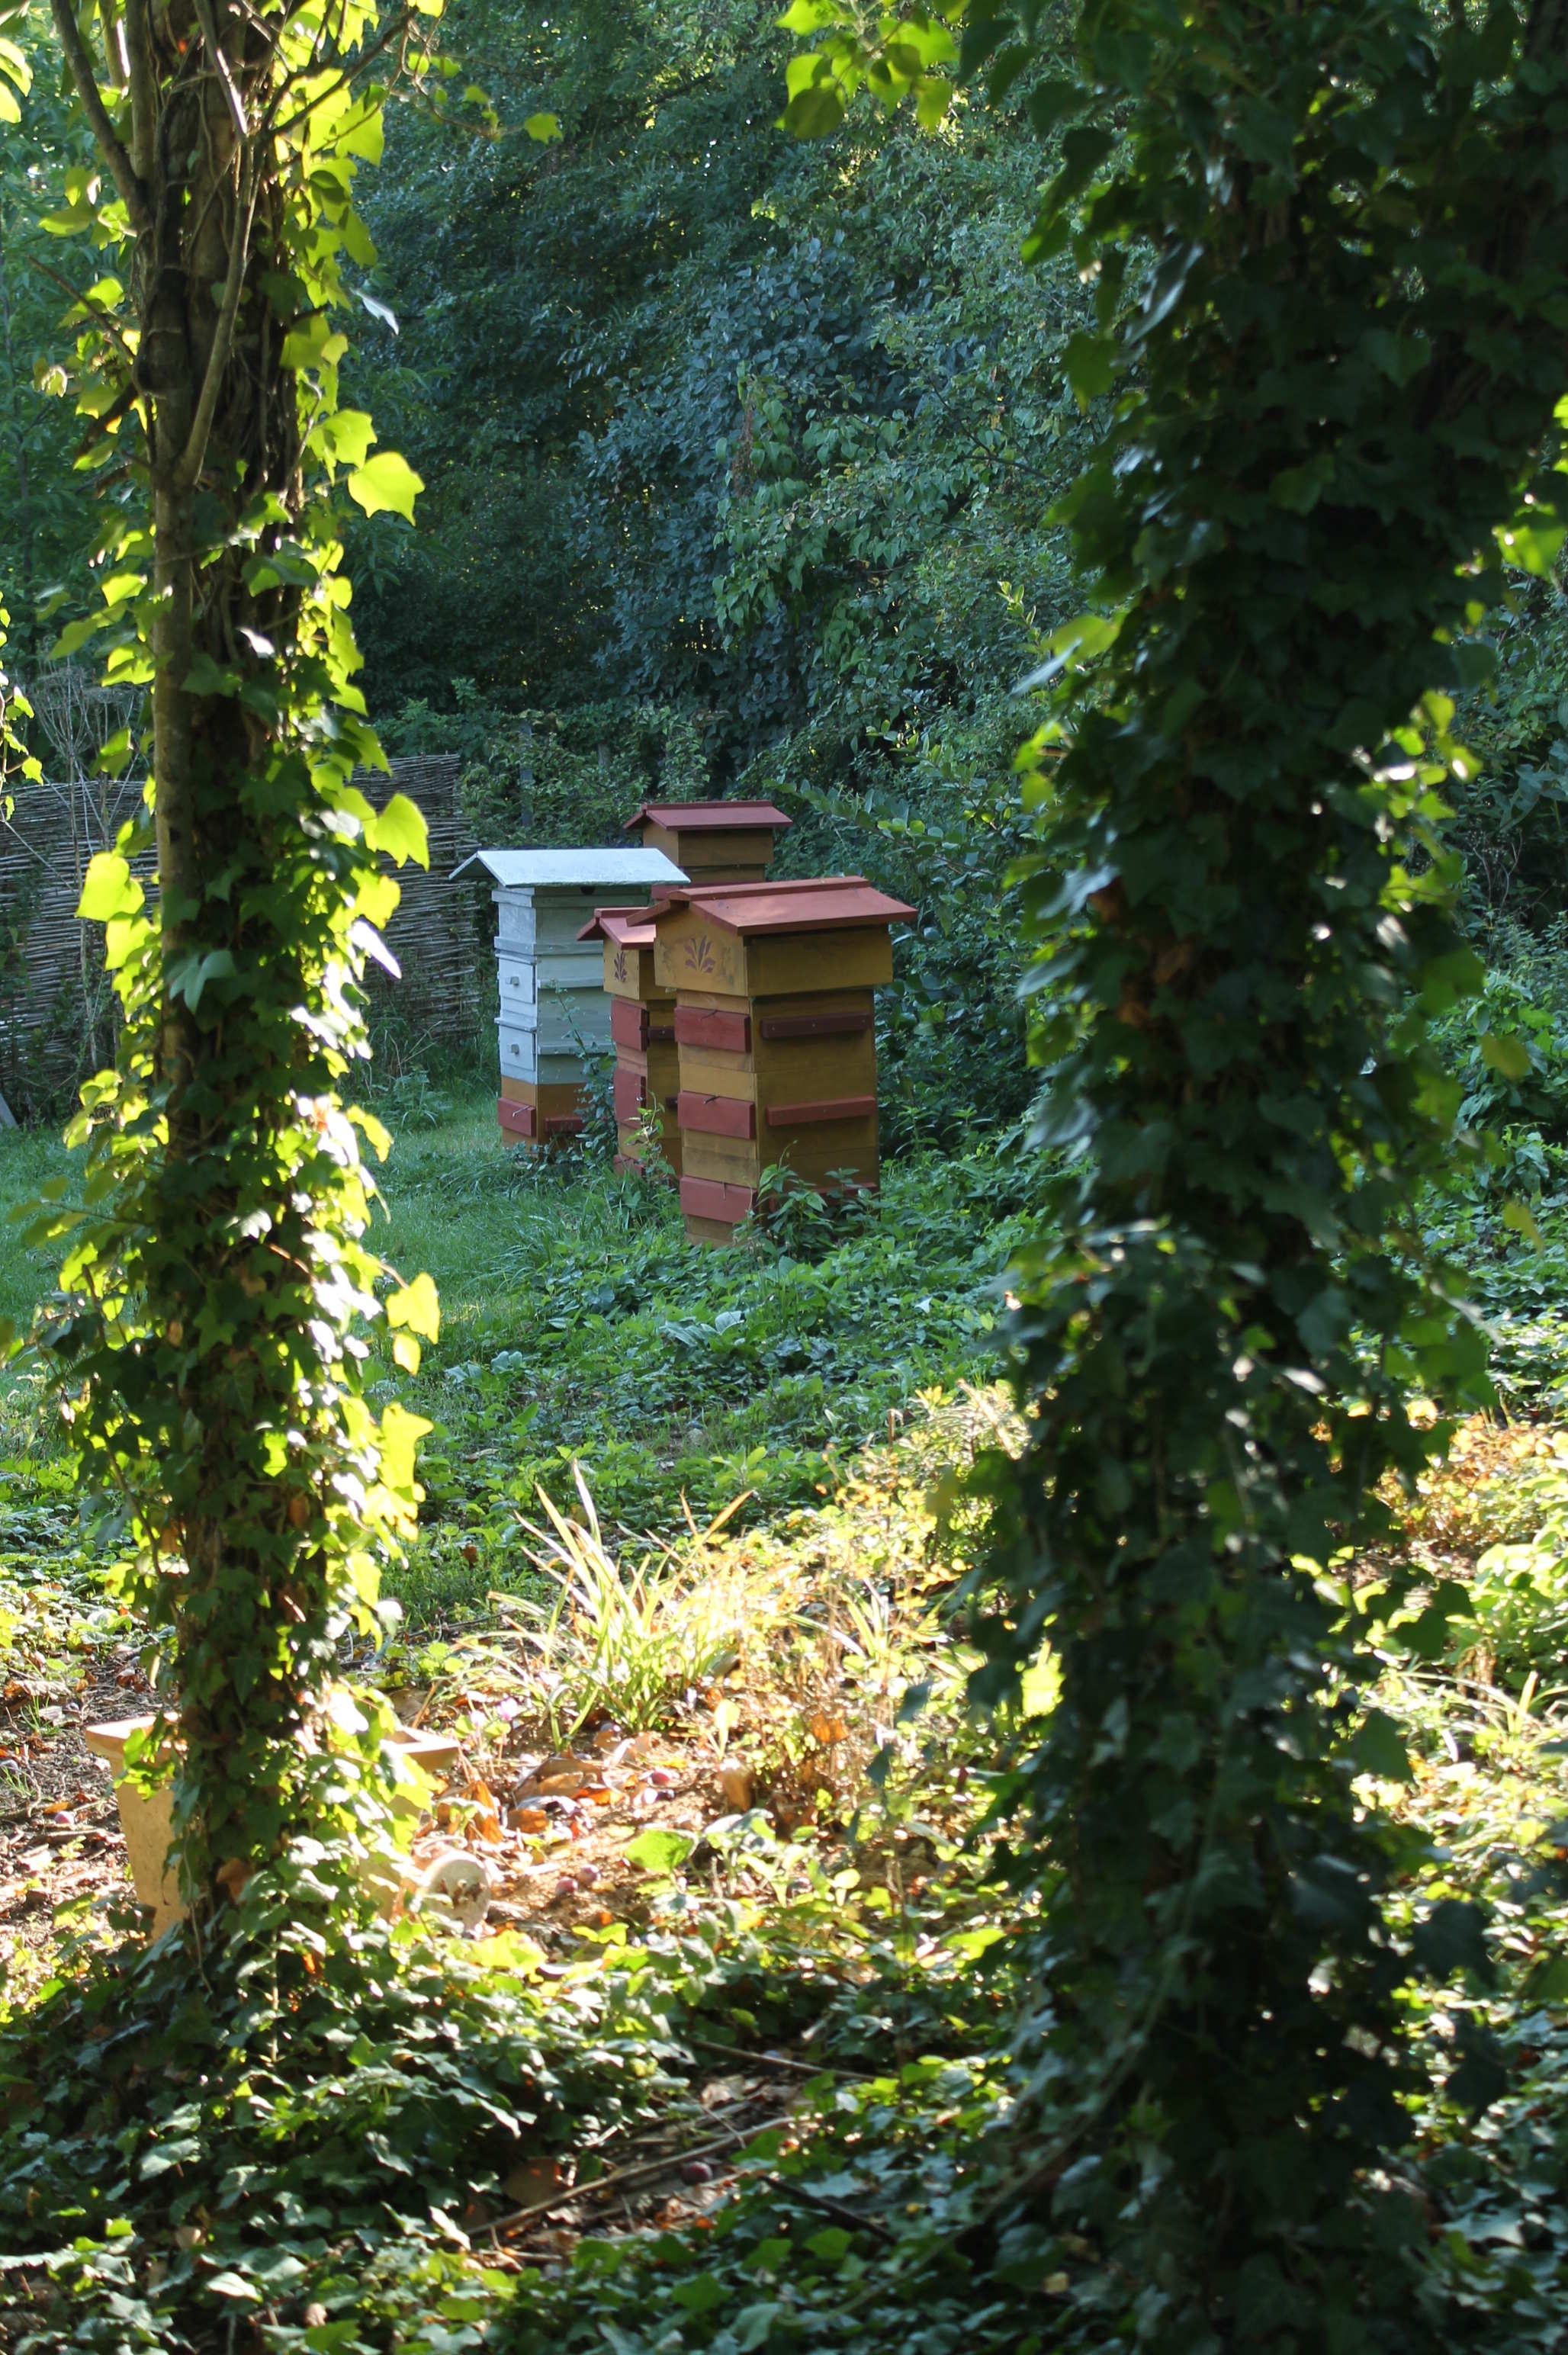 Accueil jardins amis des abeilles les jardins de no for Au jardin des amis